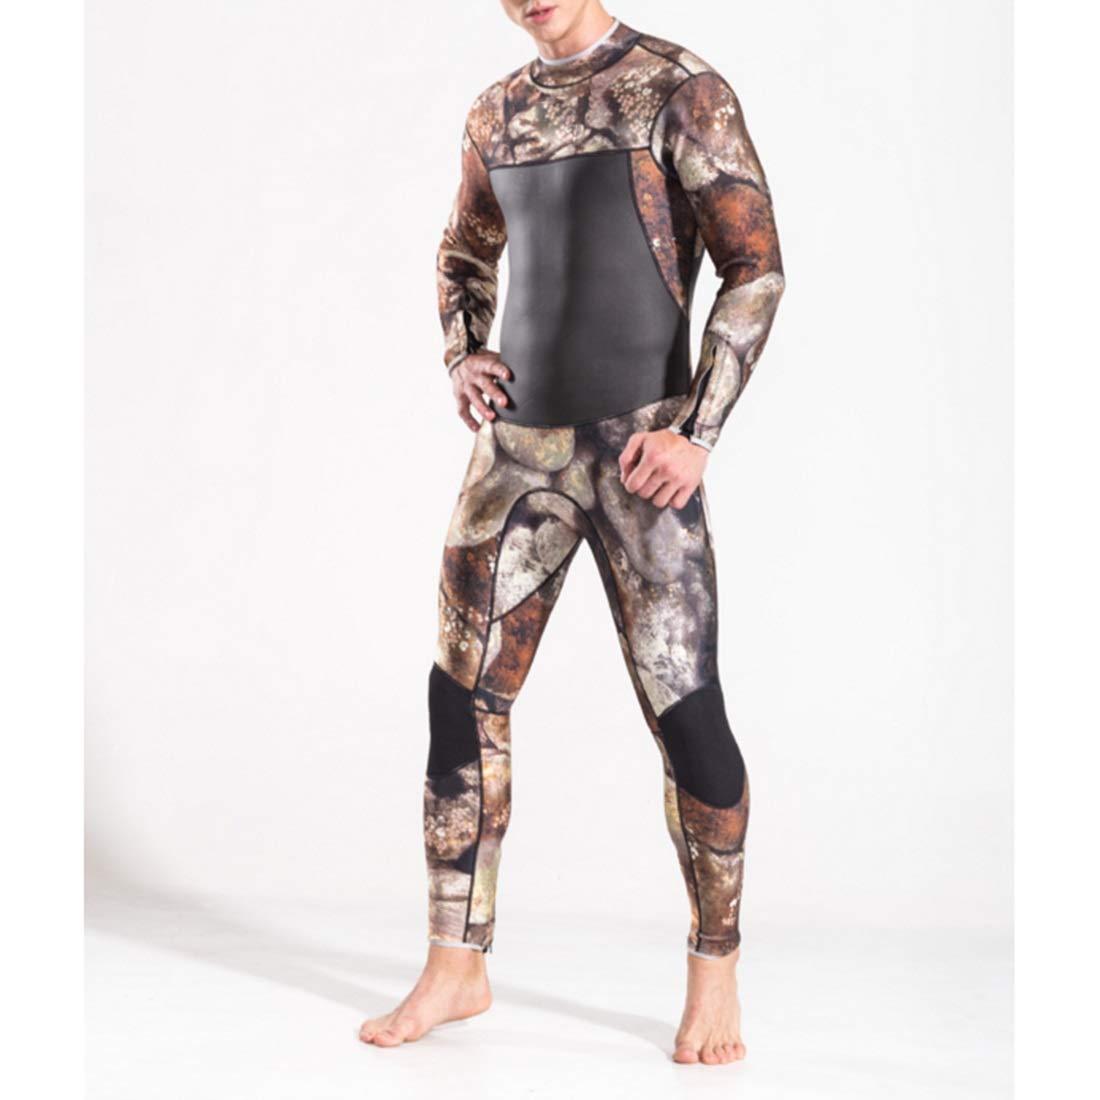 FELICIGG Der Neopren-Material-Sonnencreme-Kleidung der Wetsuit-Männer Männer Stärke 3mm tauchende tauchende tauchende Kleidung-Wärmedämmungs-Einheits-Entwurfs-Lange Hülse B07PKQ2LQY Neoprenanzüge Ein Gleichgewicht zwischen Zähigkeit und Härte c14b23